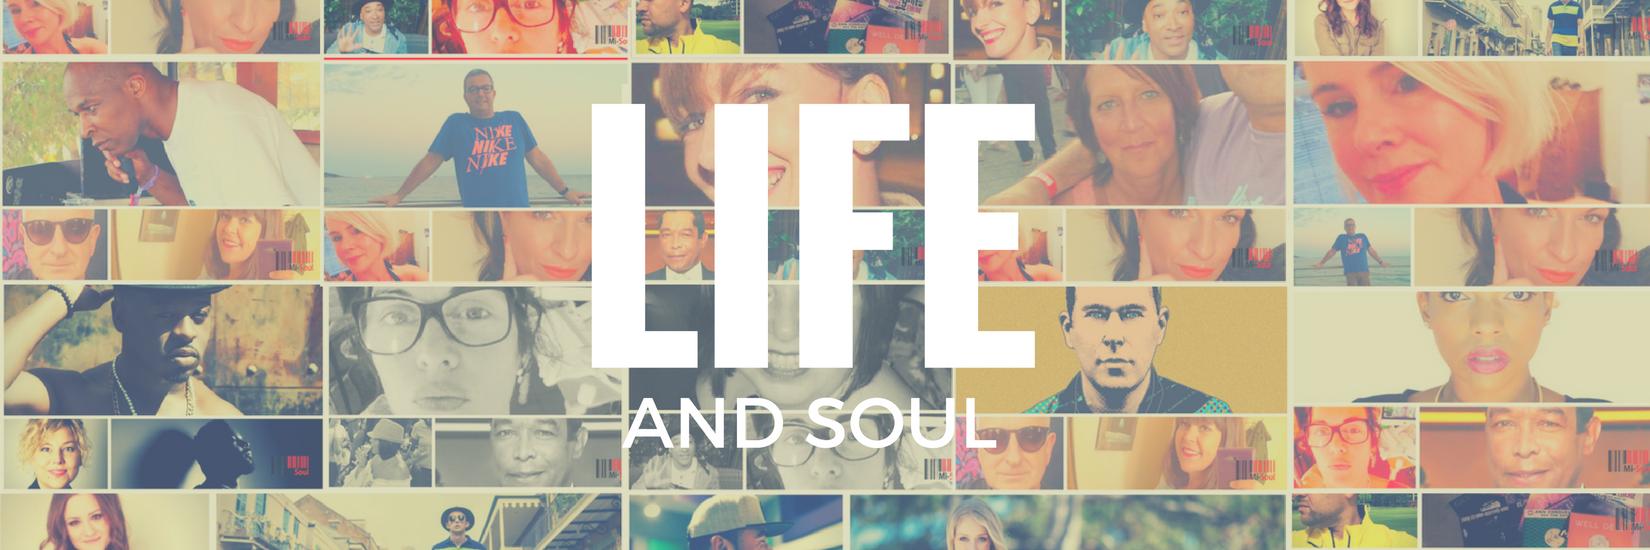 Life & Soul Campaign